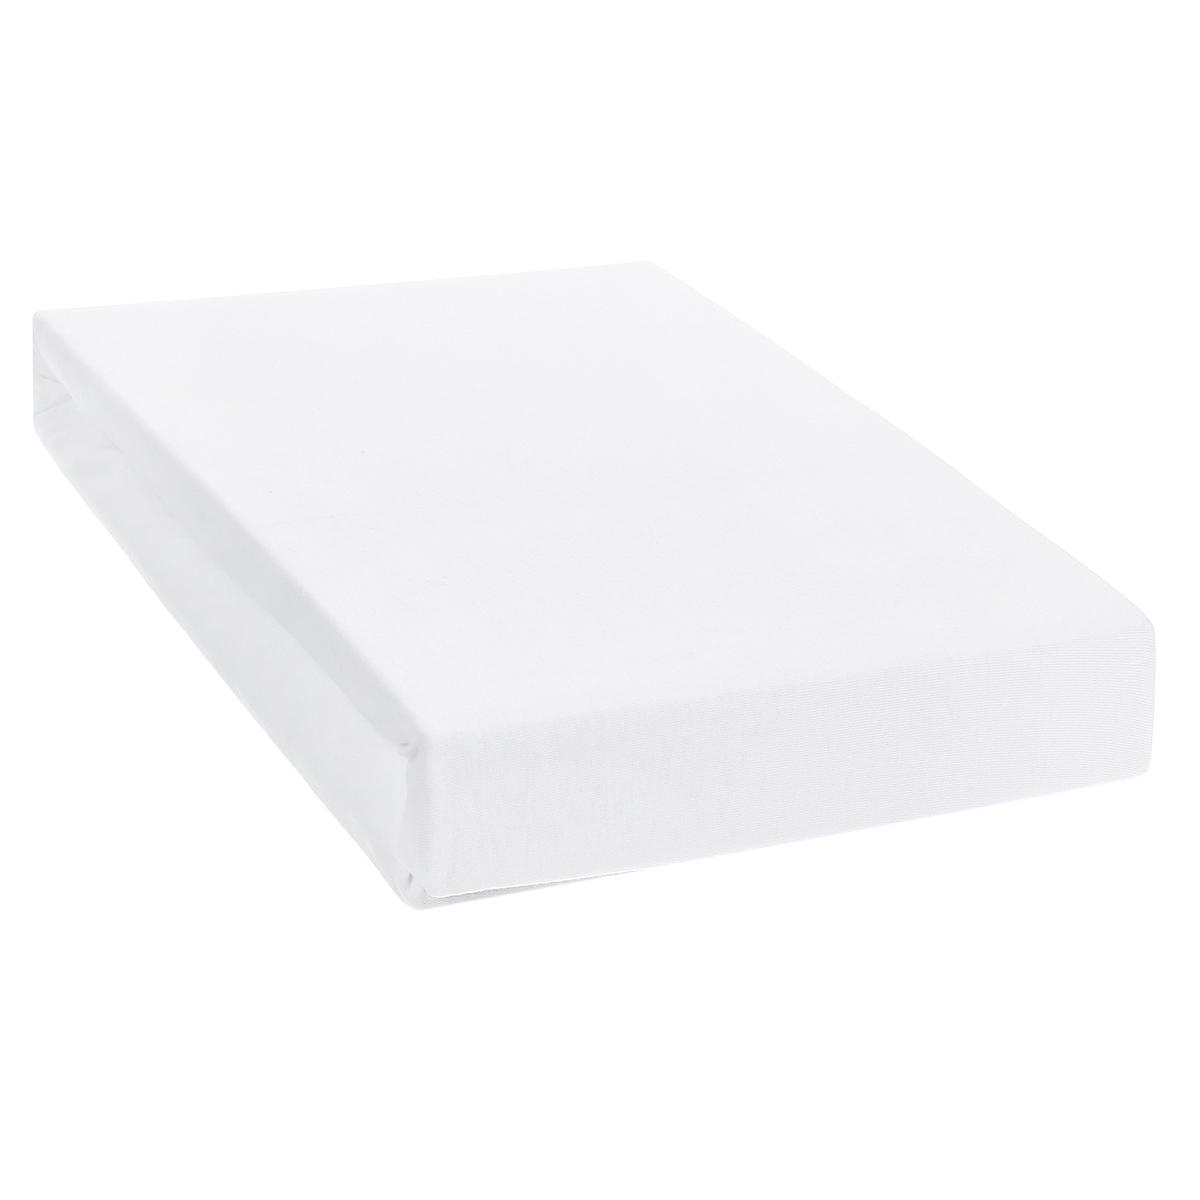 Простыня на резинке Tete-a-Tete, цвет: снег, 90 см х 200 смТ-ПР-3000Однотонная простыня на резинке Tete-a-Tete выполнена из натурального хлопка. Высочайшее качество материала гарантирует безопасность не только взрослых, но и самых маленьких членов семьи. Простыня гармонично впишется в интерьер вашего дома и создаст атмосферу уюта и комфорта. Особенности коллекции Tete-a-Tete: - выдерживает более 100 стирок практически без изменения внешнего вида, - модные цвета и стойкие оттенки, - минимальная усадка, - надежные резинки и износостойкая ткань, - безупречное качество, - гиппоаллергенно. Коллекция Tete-a-Tete специально создана для практичных людей, которые ценят качество и долговечность вещей, окружают своих близких теплотой и заботой.